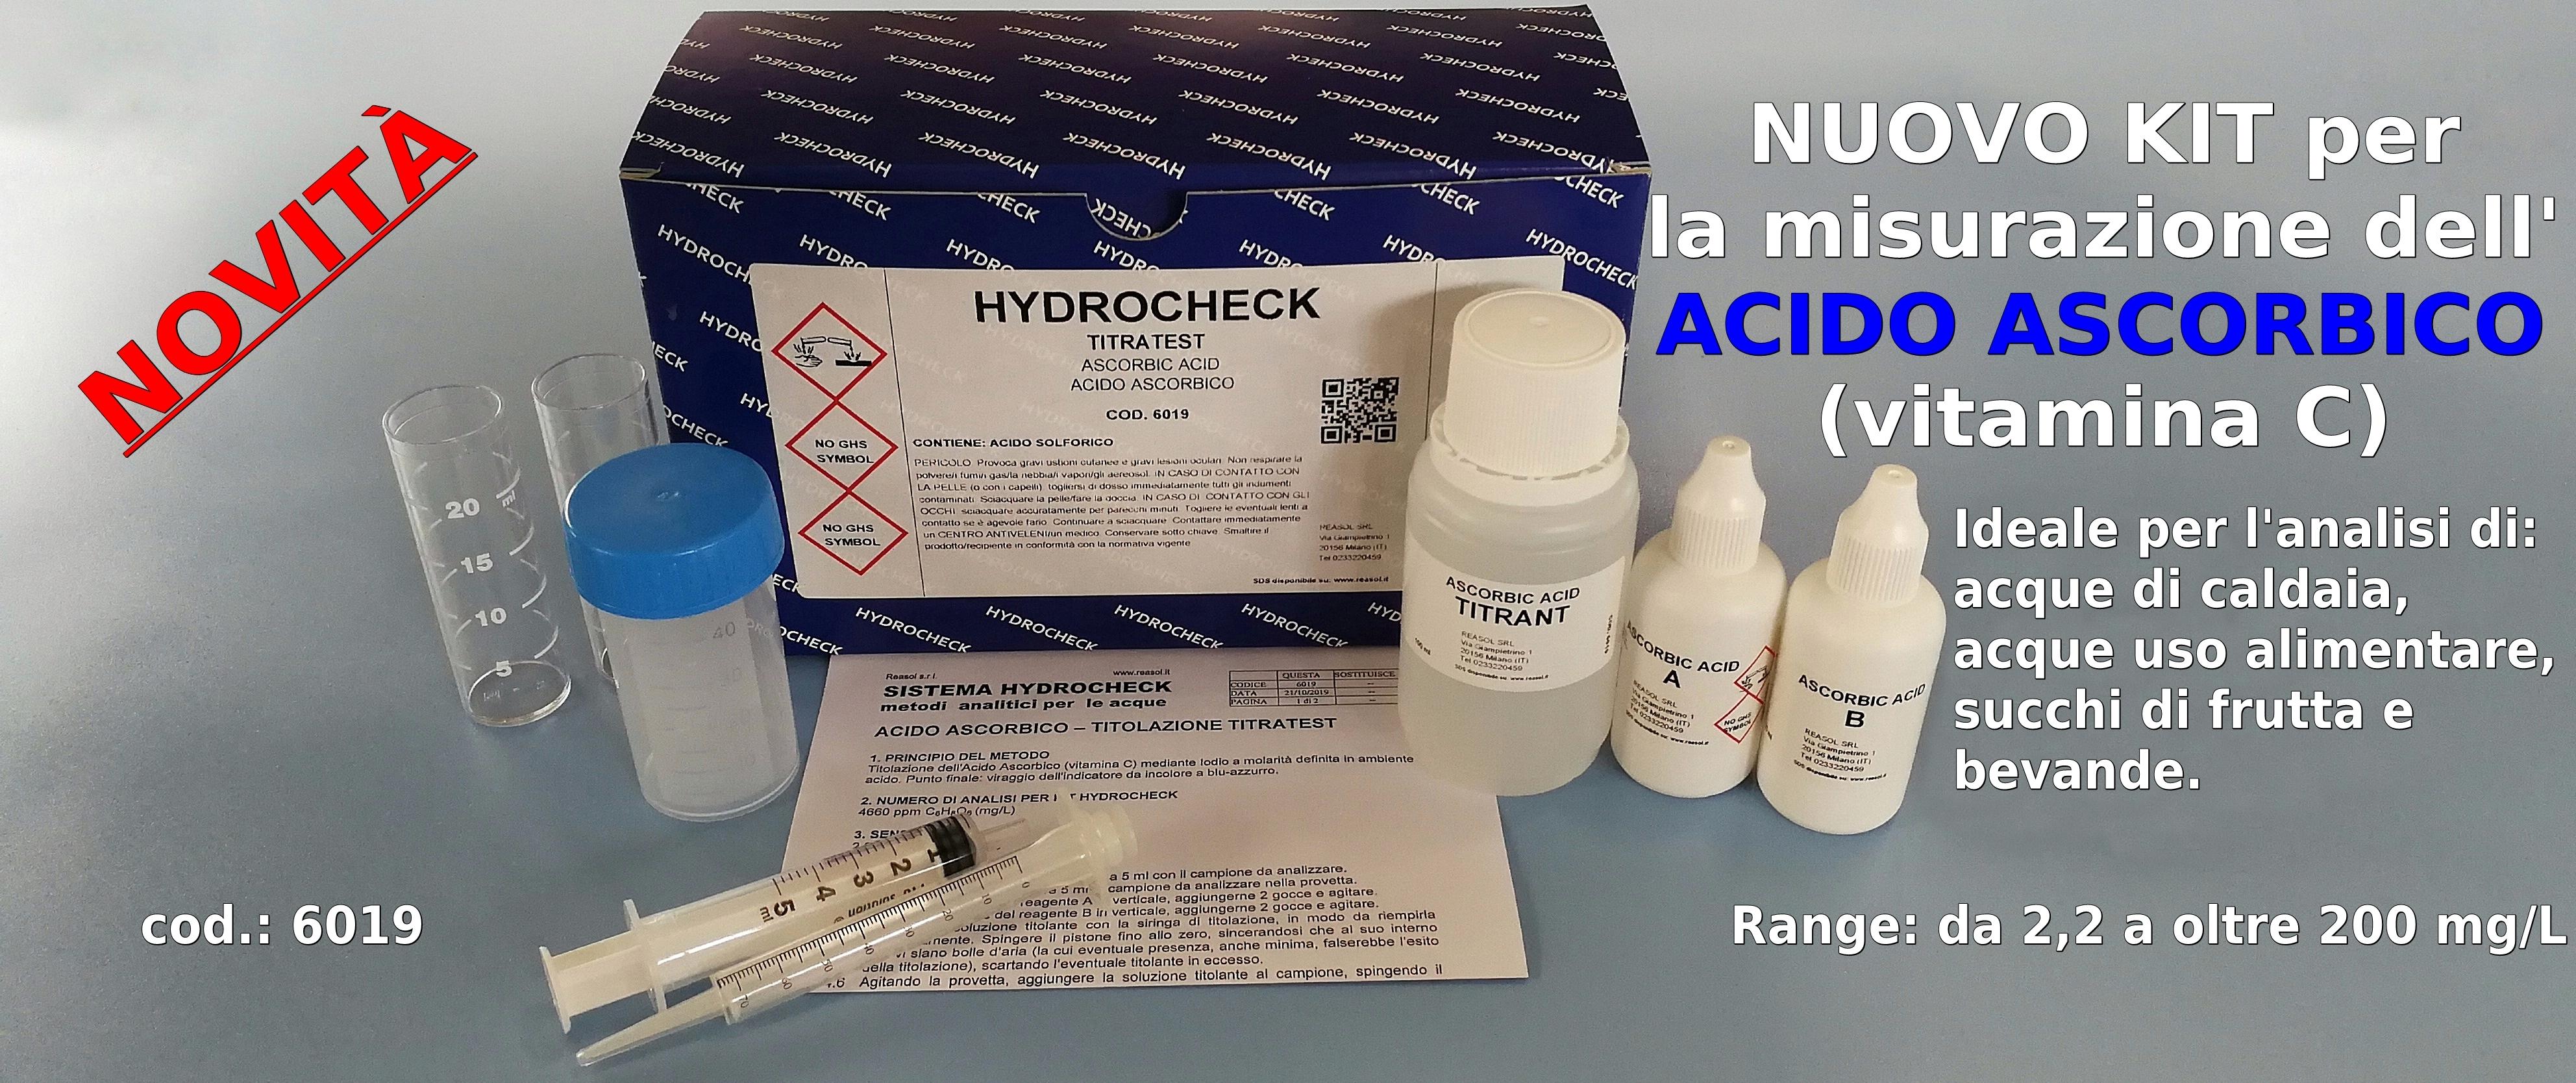 6019-Acido-Ascorbico-sito-2